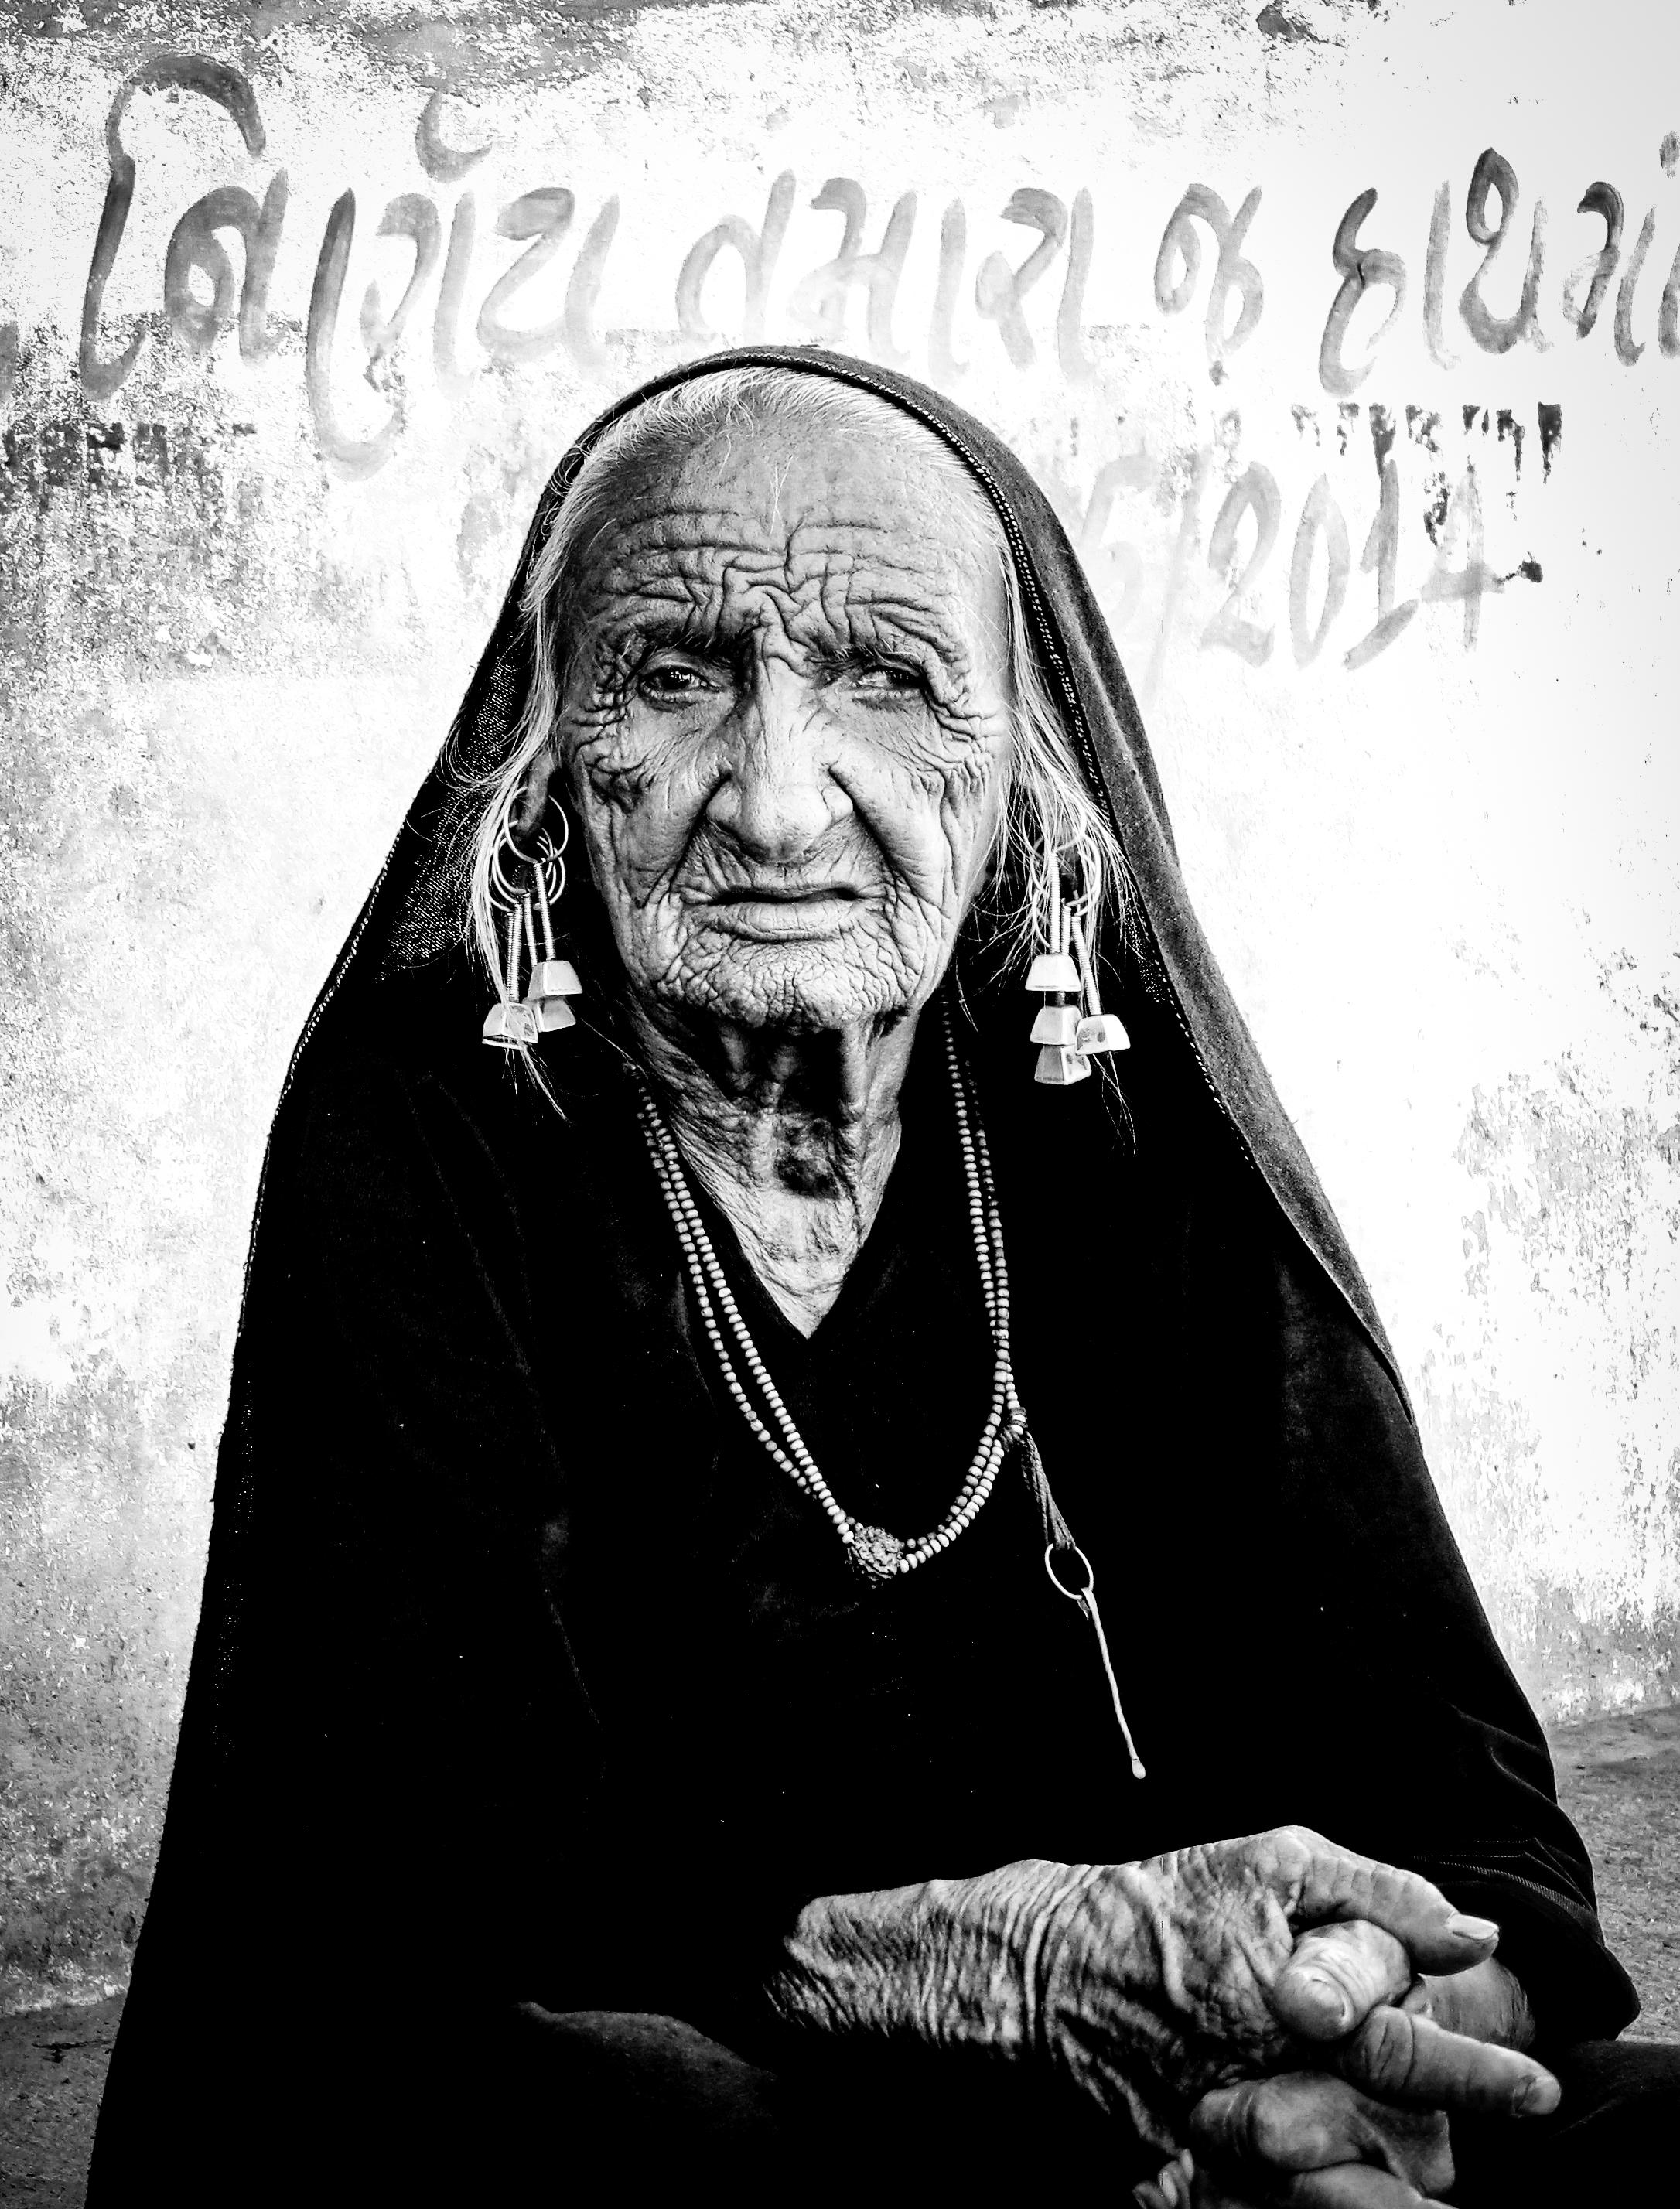 Portrait de femme Rajhastani